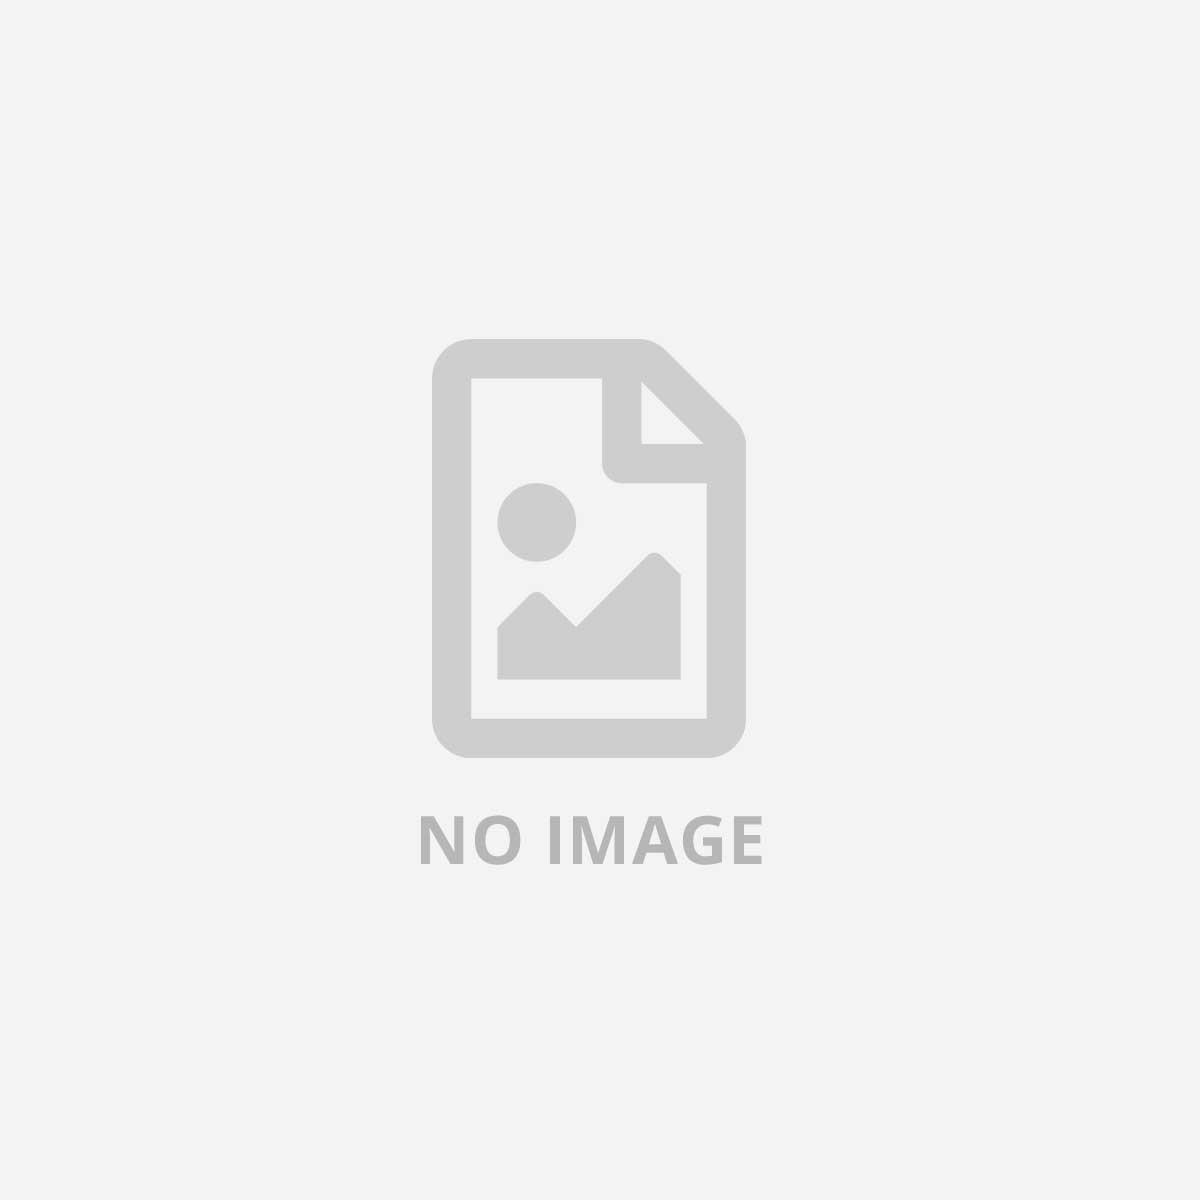 DATALOGIC CAVO USB PER MEMOR X10